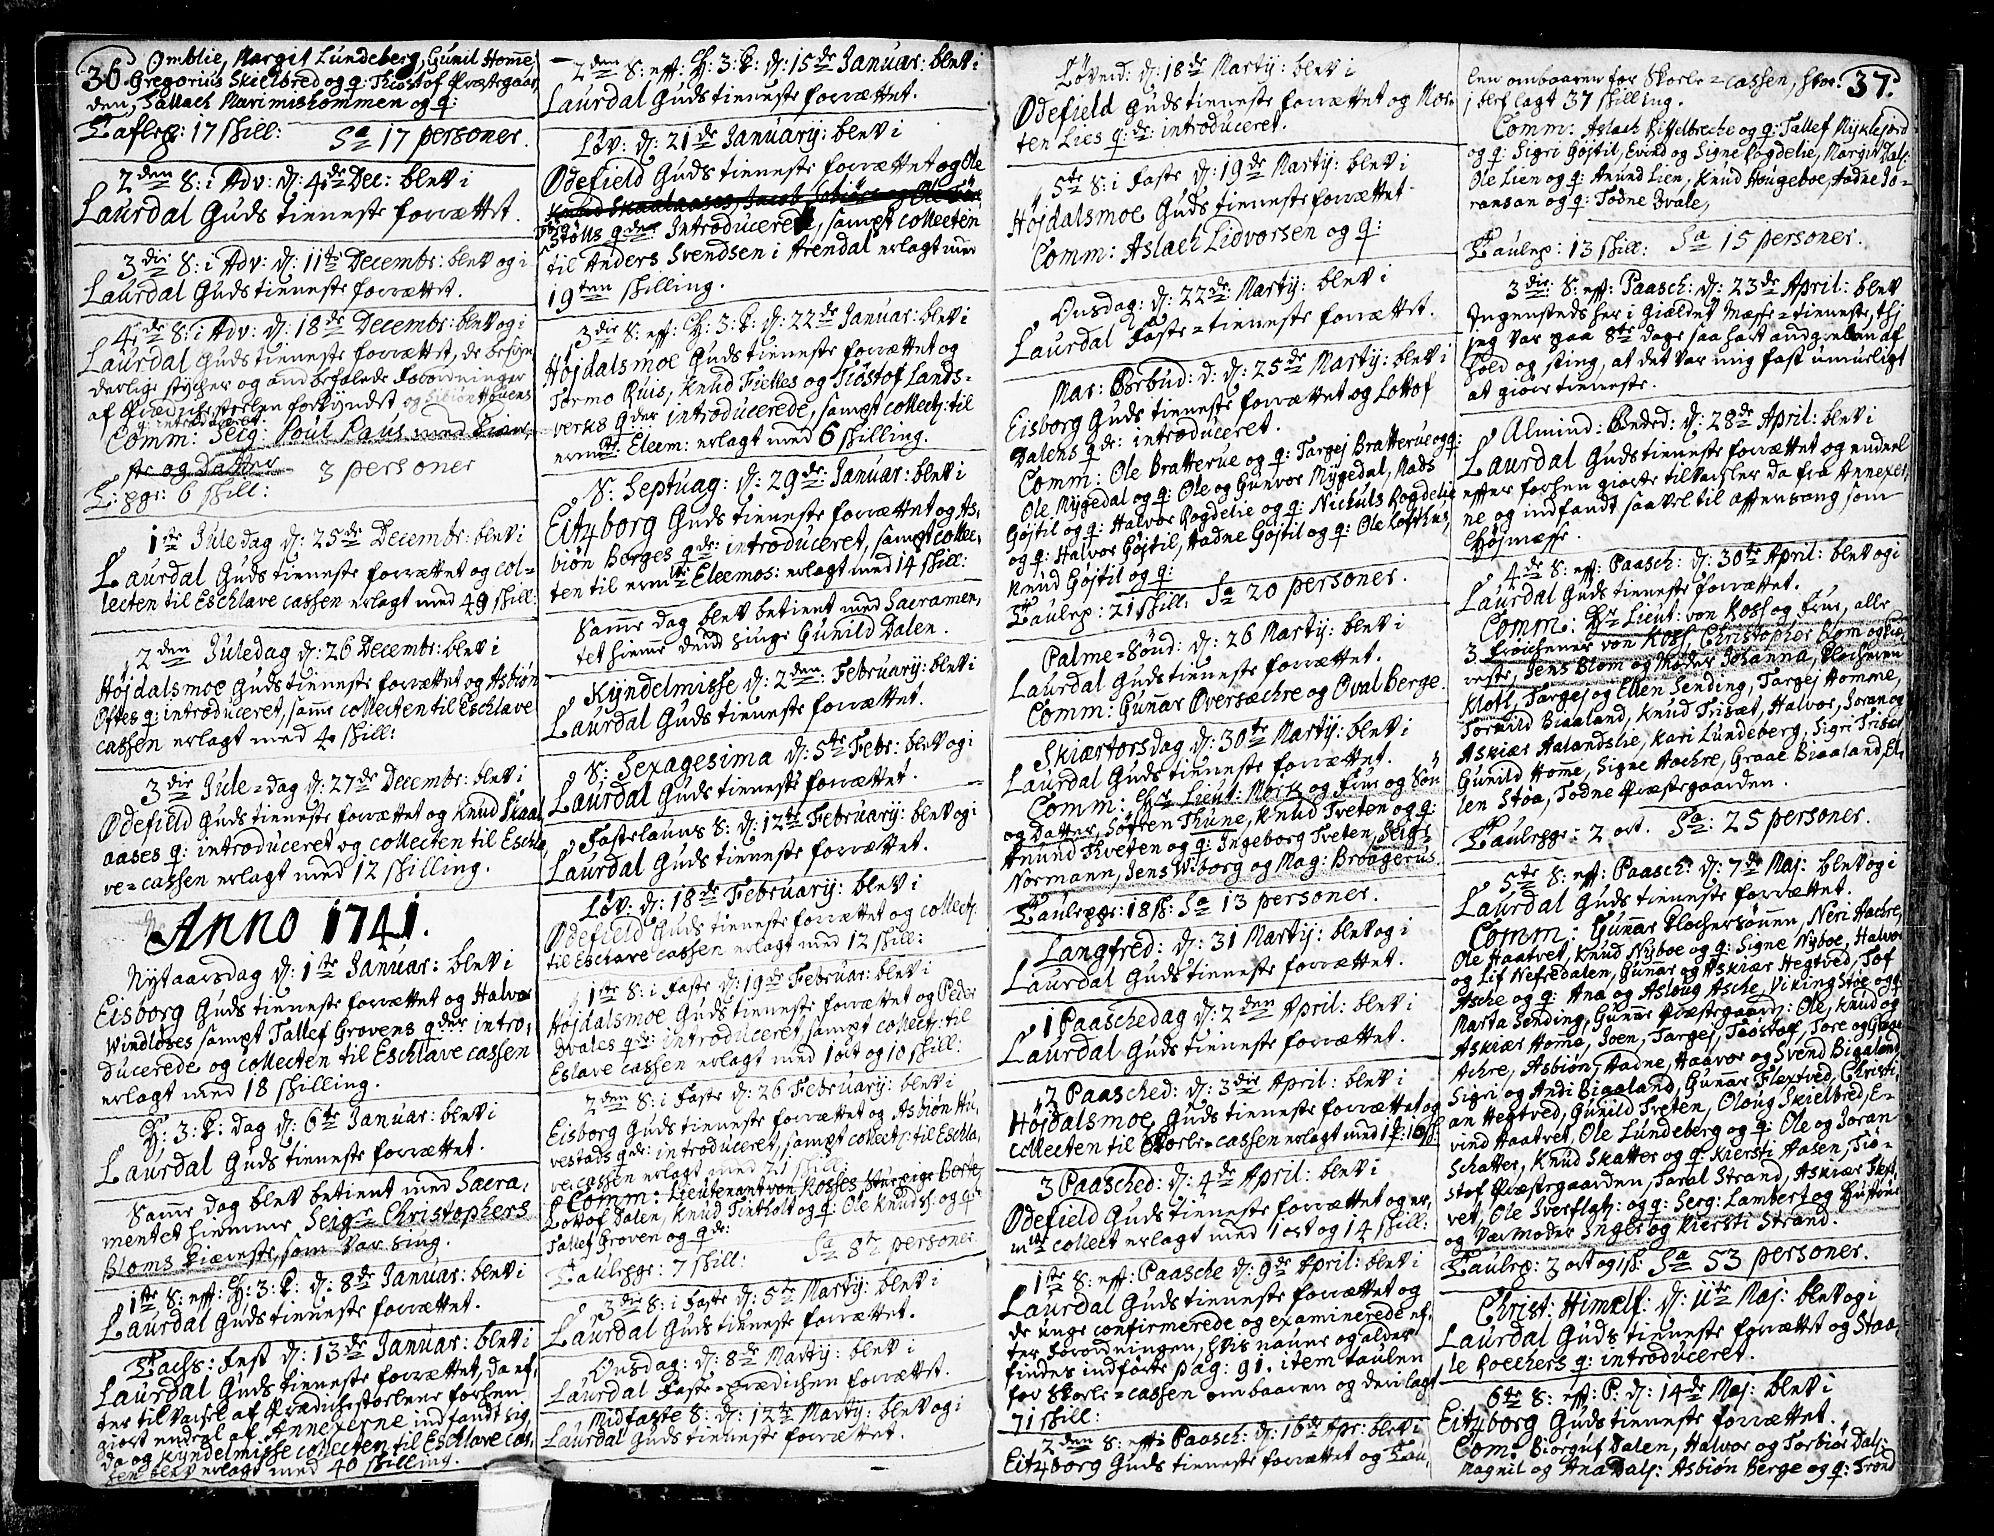 SAKO, Lårdal kirkebøker, F/Fa/L0002: Ministerialbok nr. I 2, 1734-1754, s. 36-37